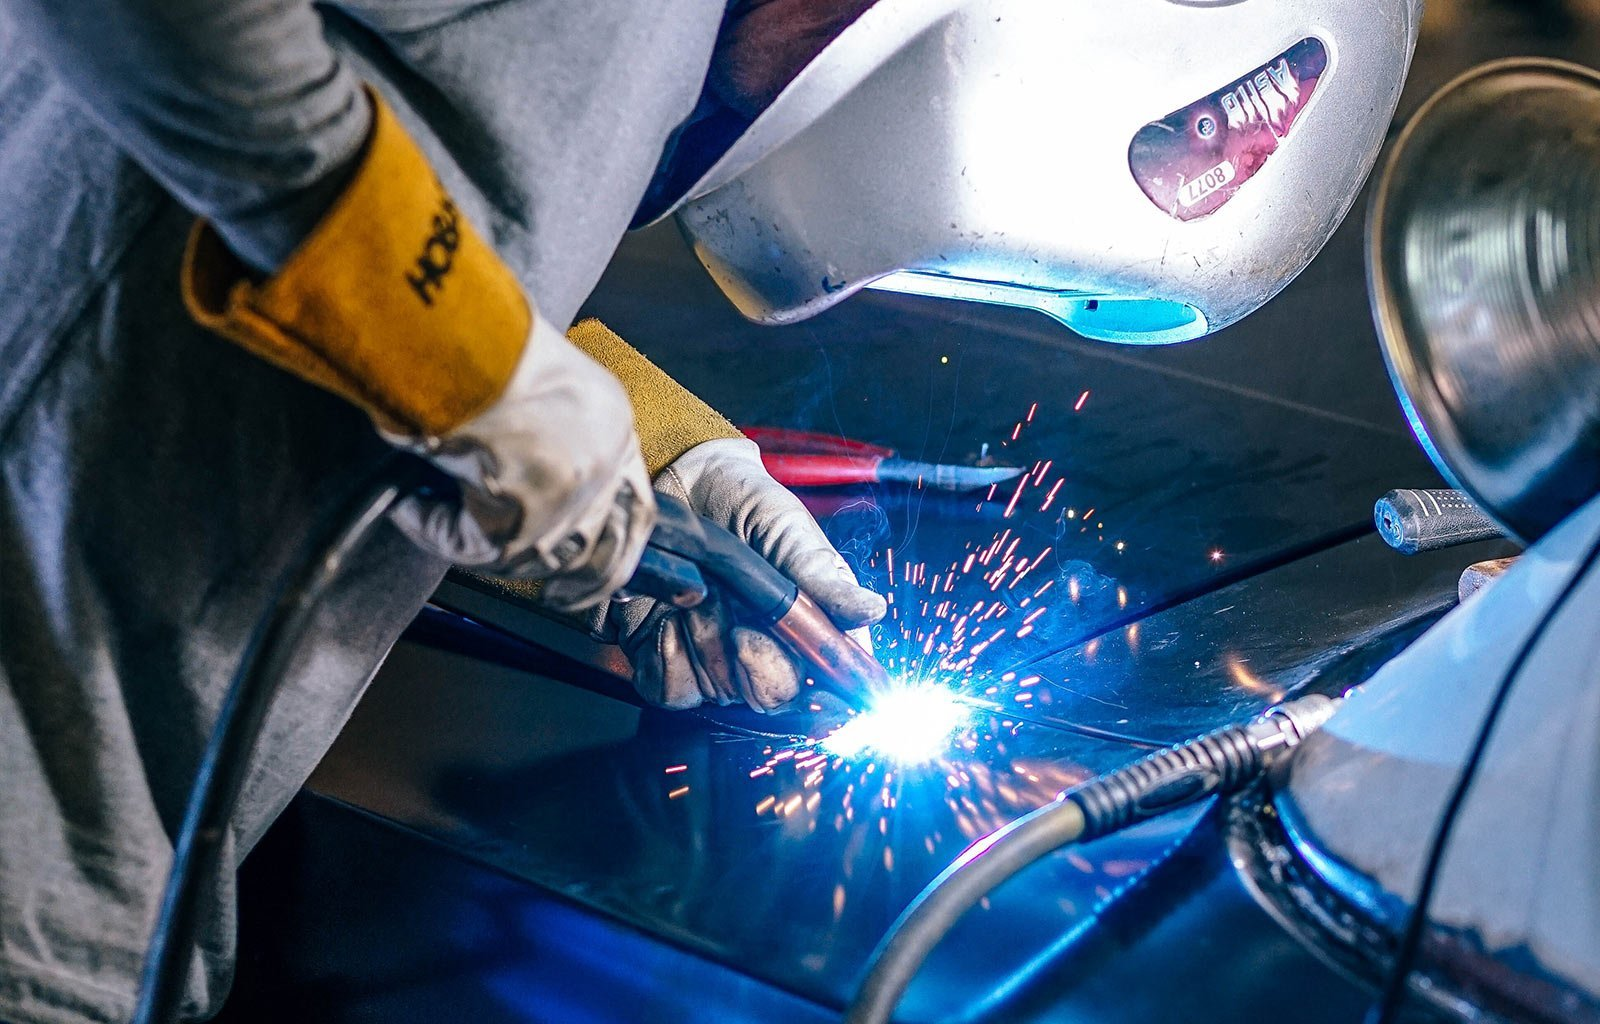 welding iron steal